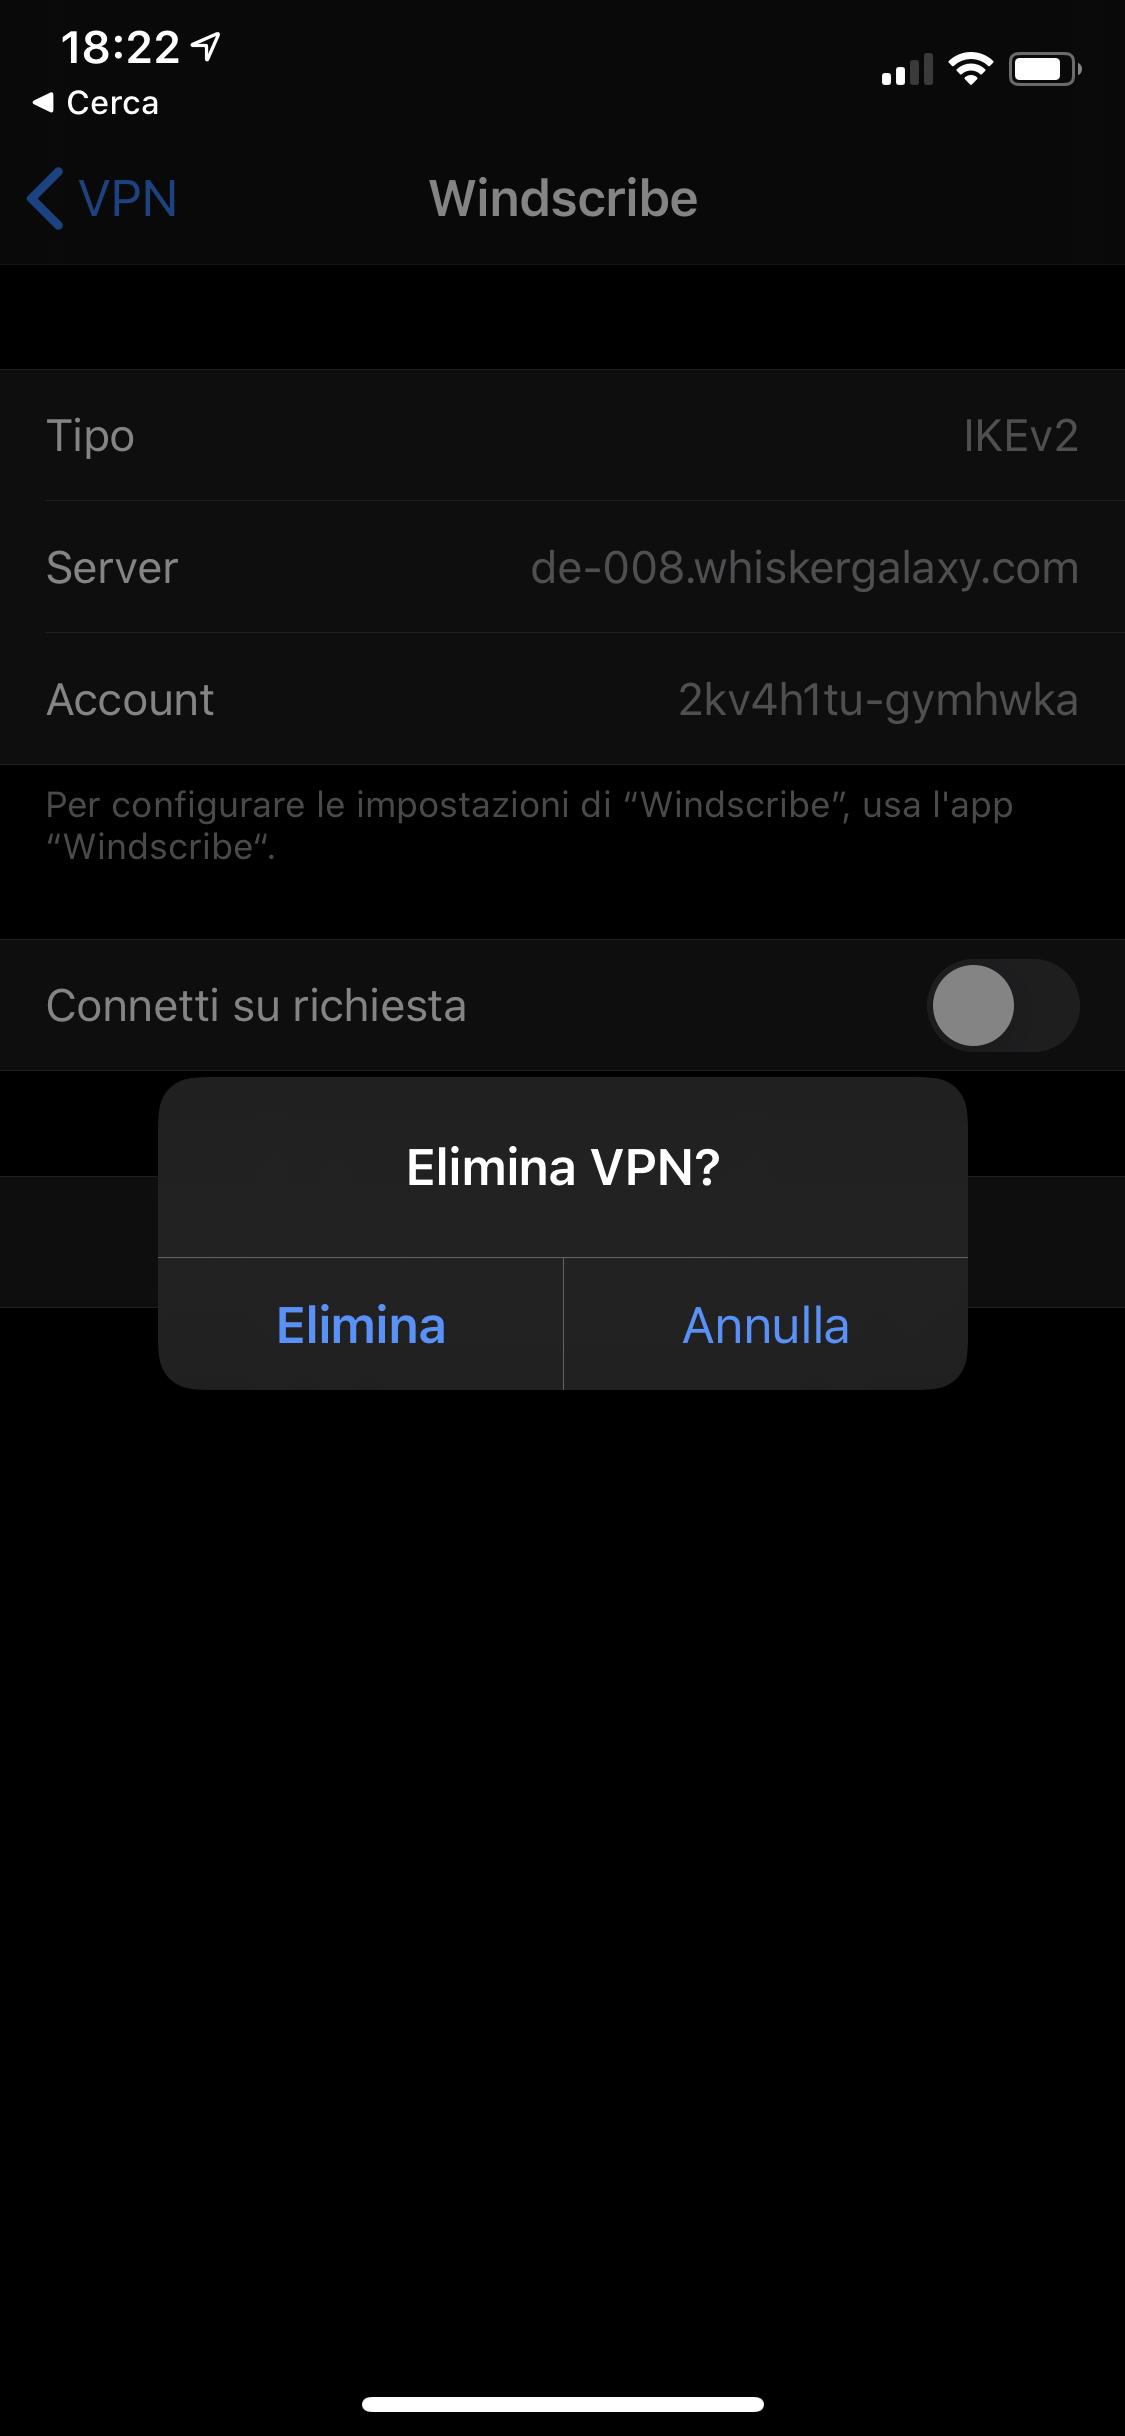 Come rimuovere un profilo VPN da un iPhone o iPad 6